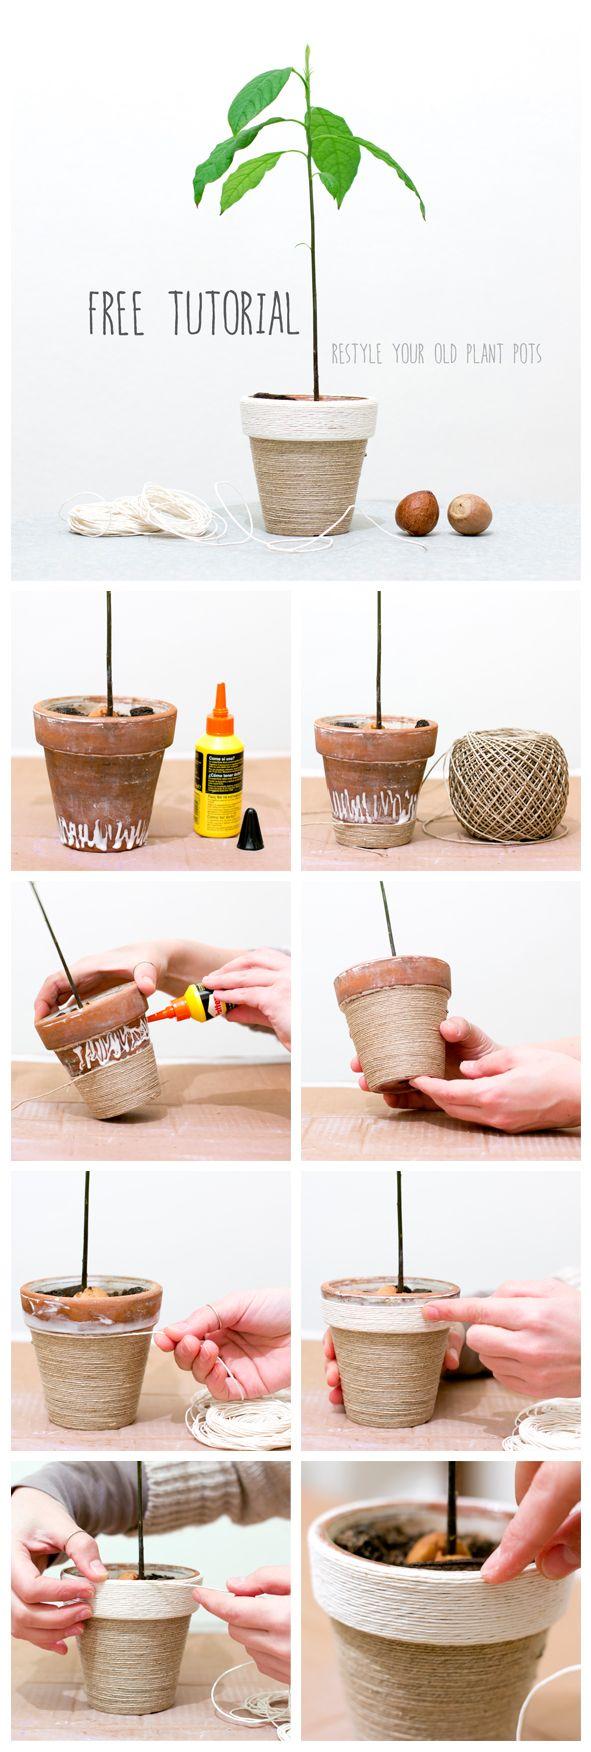 """""""C'era una volta un vecchio vaso di terracotta in cui viveva un seme di avocado..."""" Come mettere a nuovo un vecchio vaso di terracotta con questo semplice tutorial! By Jo handmade design"""